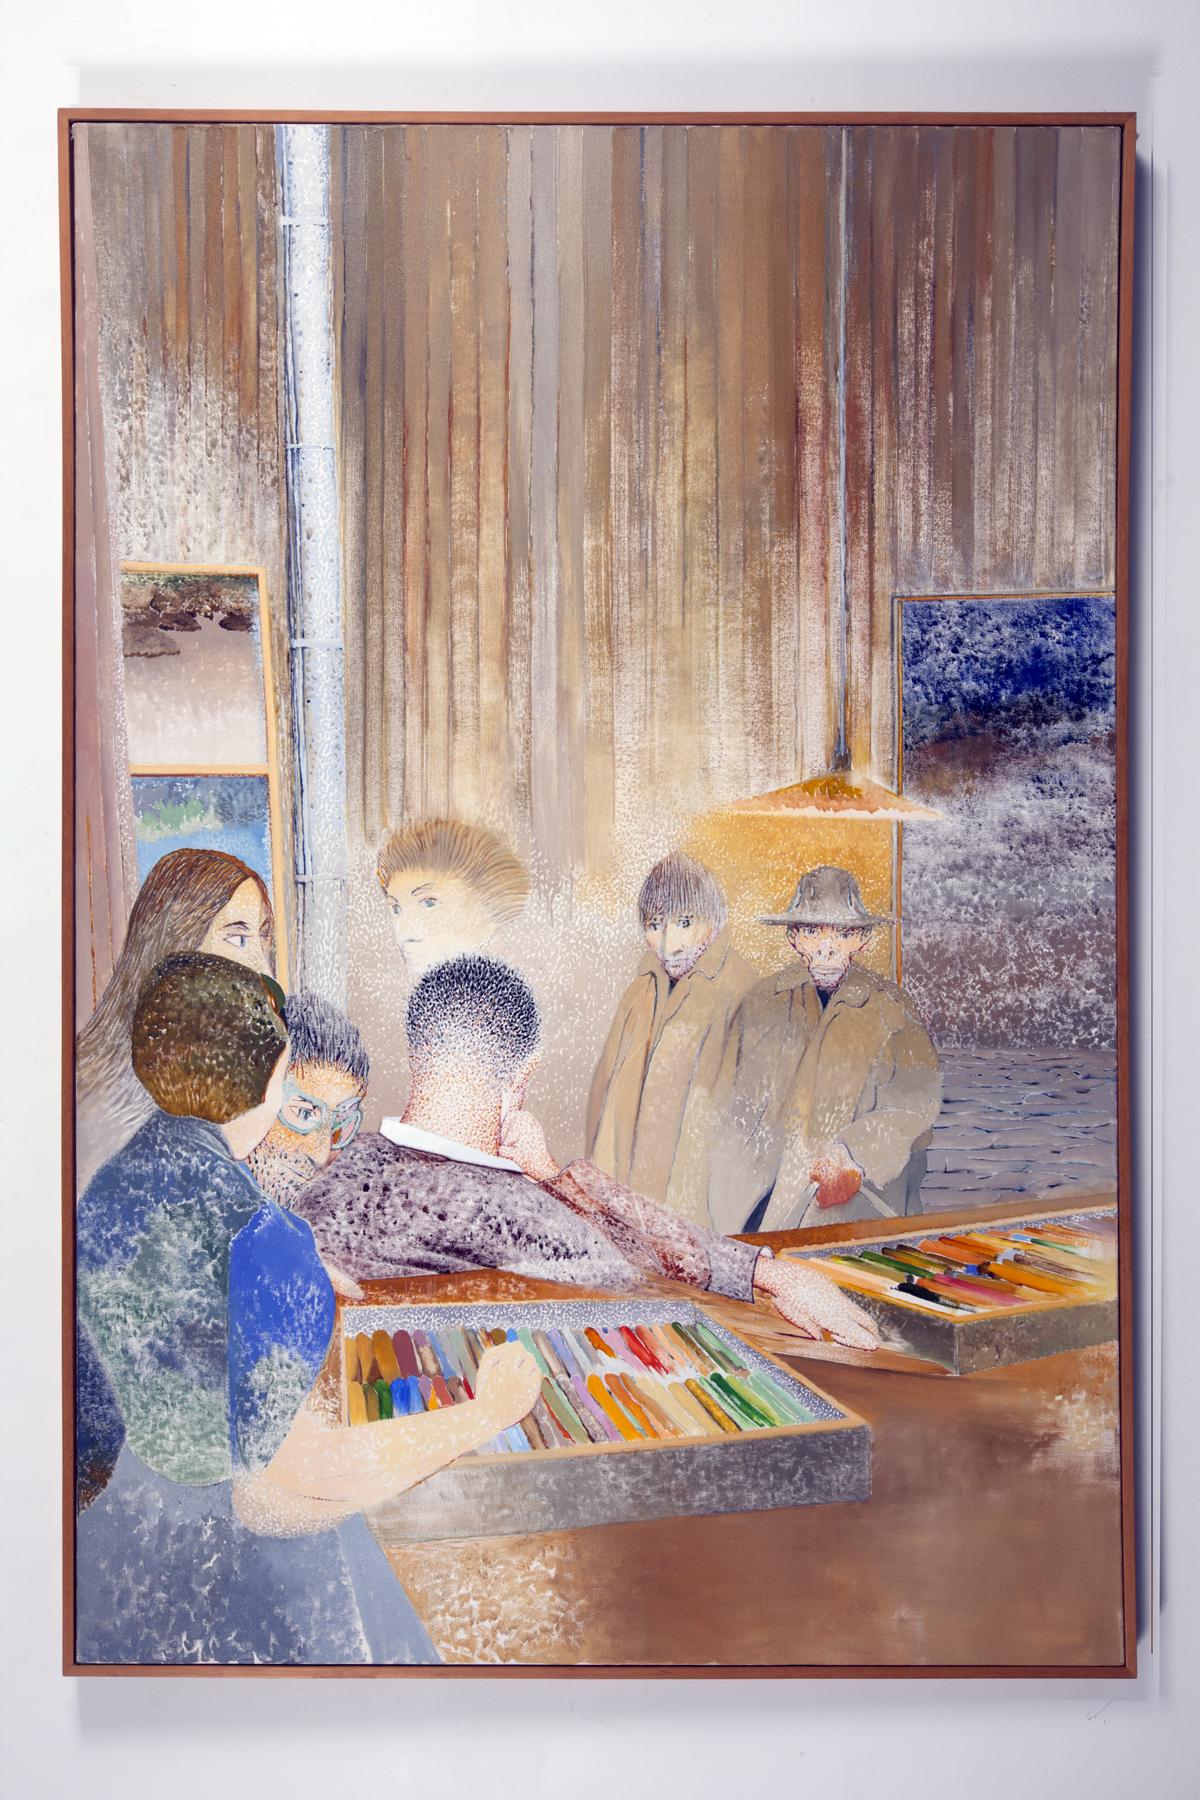 Encounter at the Maison du Pastel (1983)